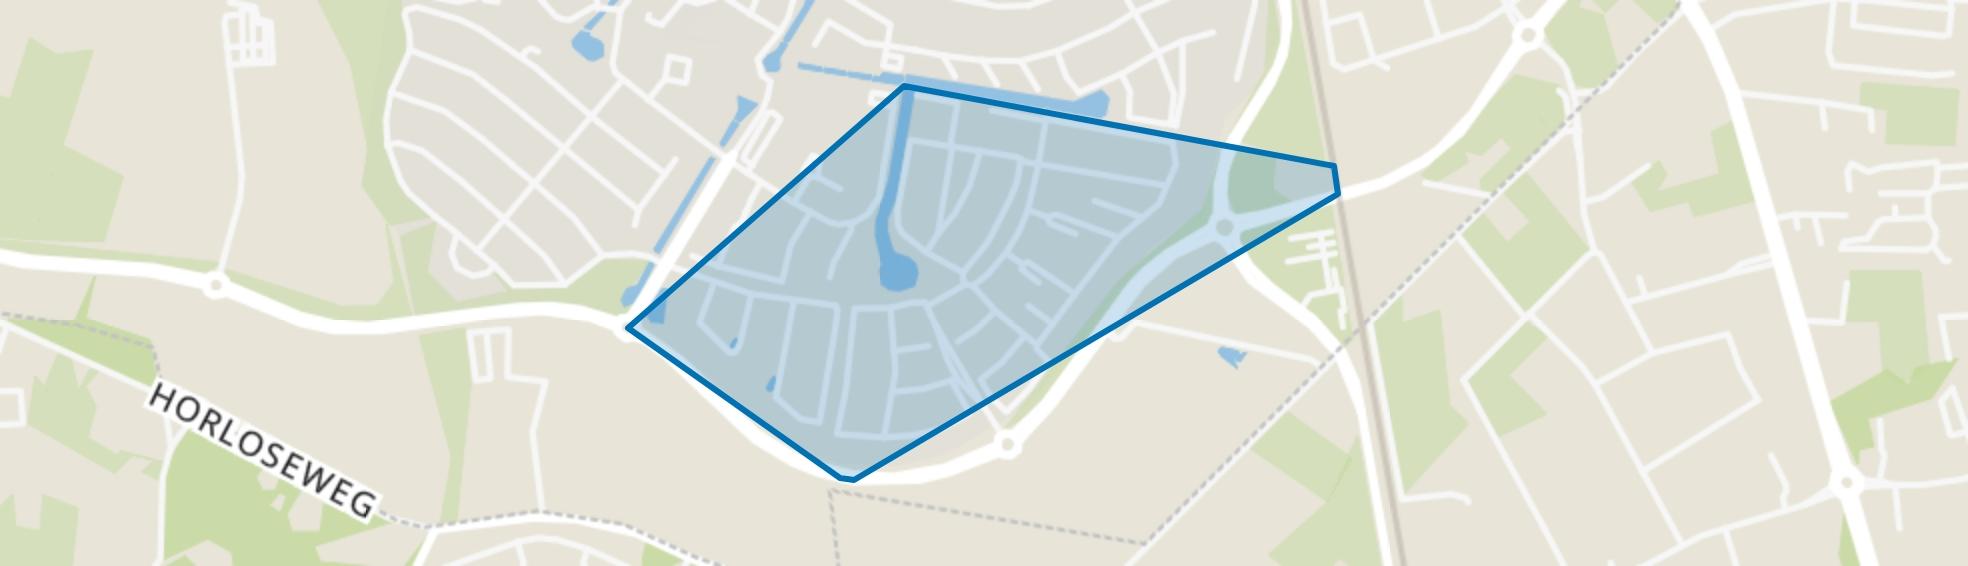 Harderhout II, Harderwijk map